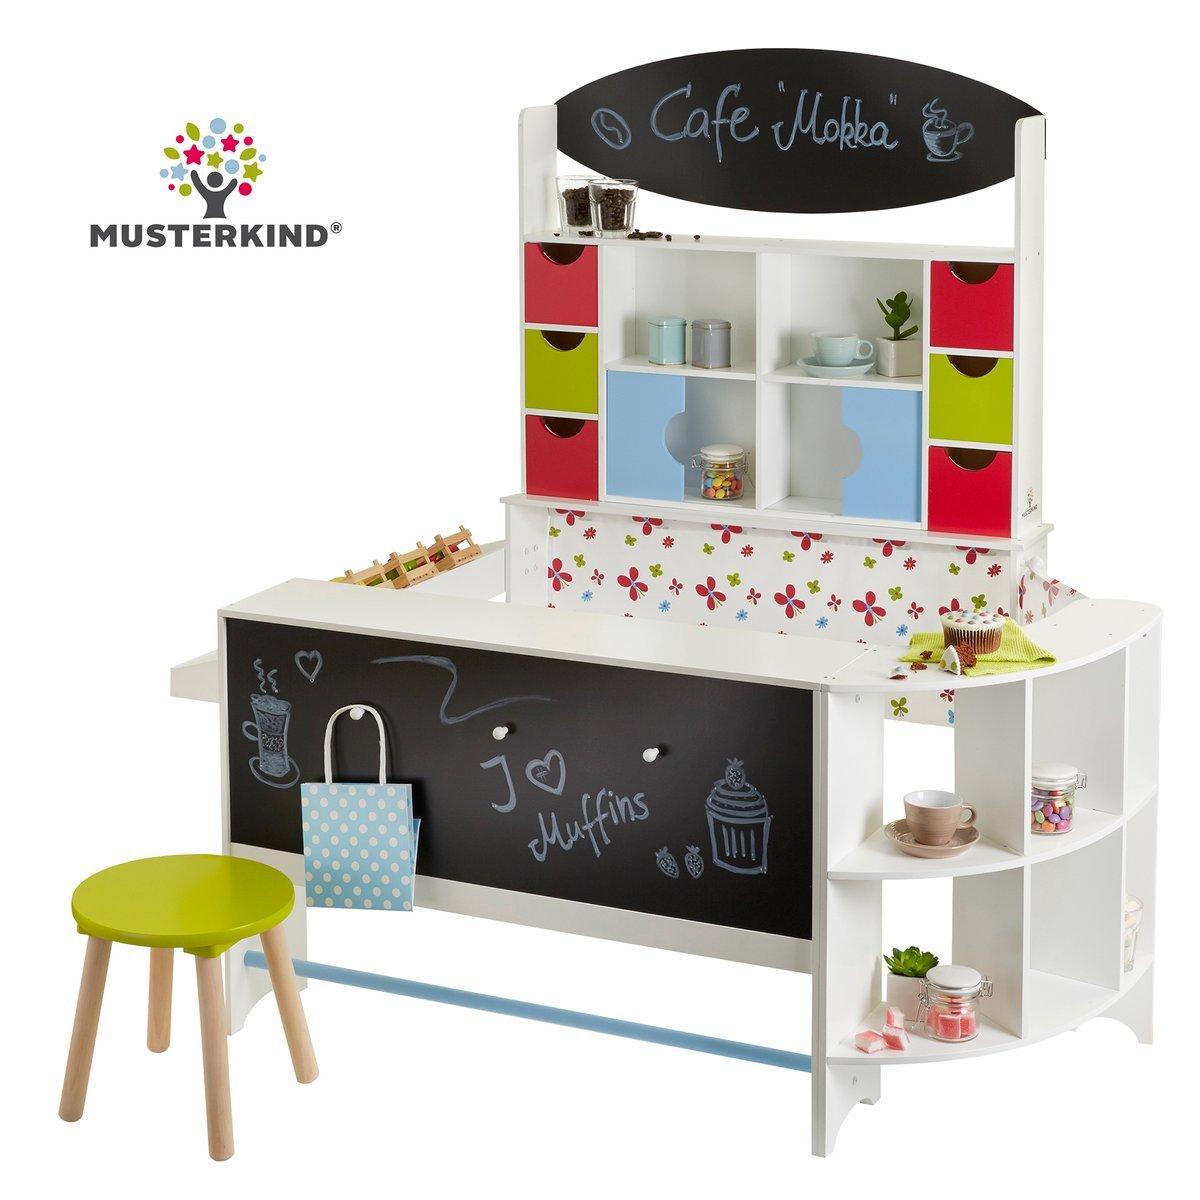 Kaufladen Musterkind Cafe